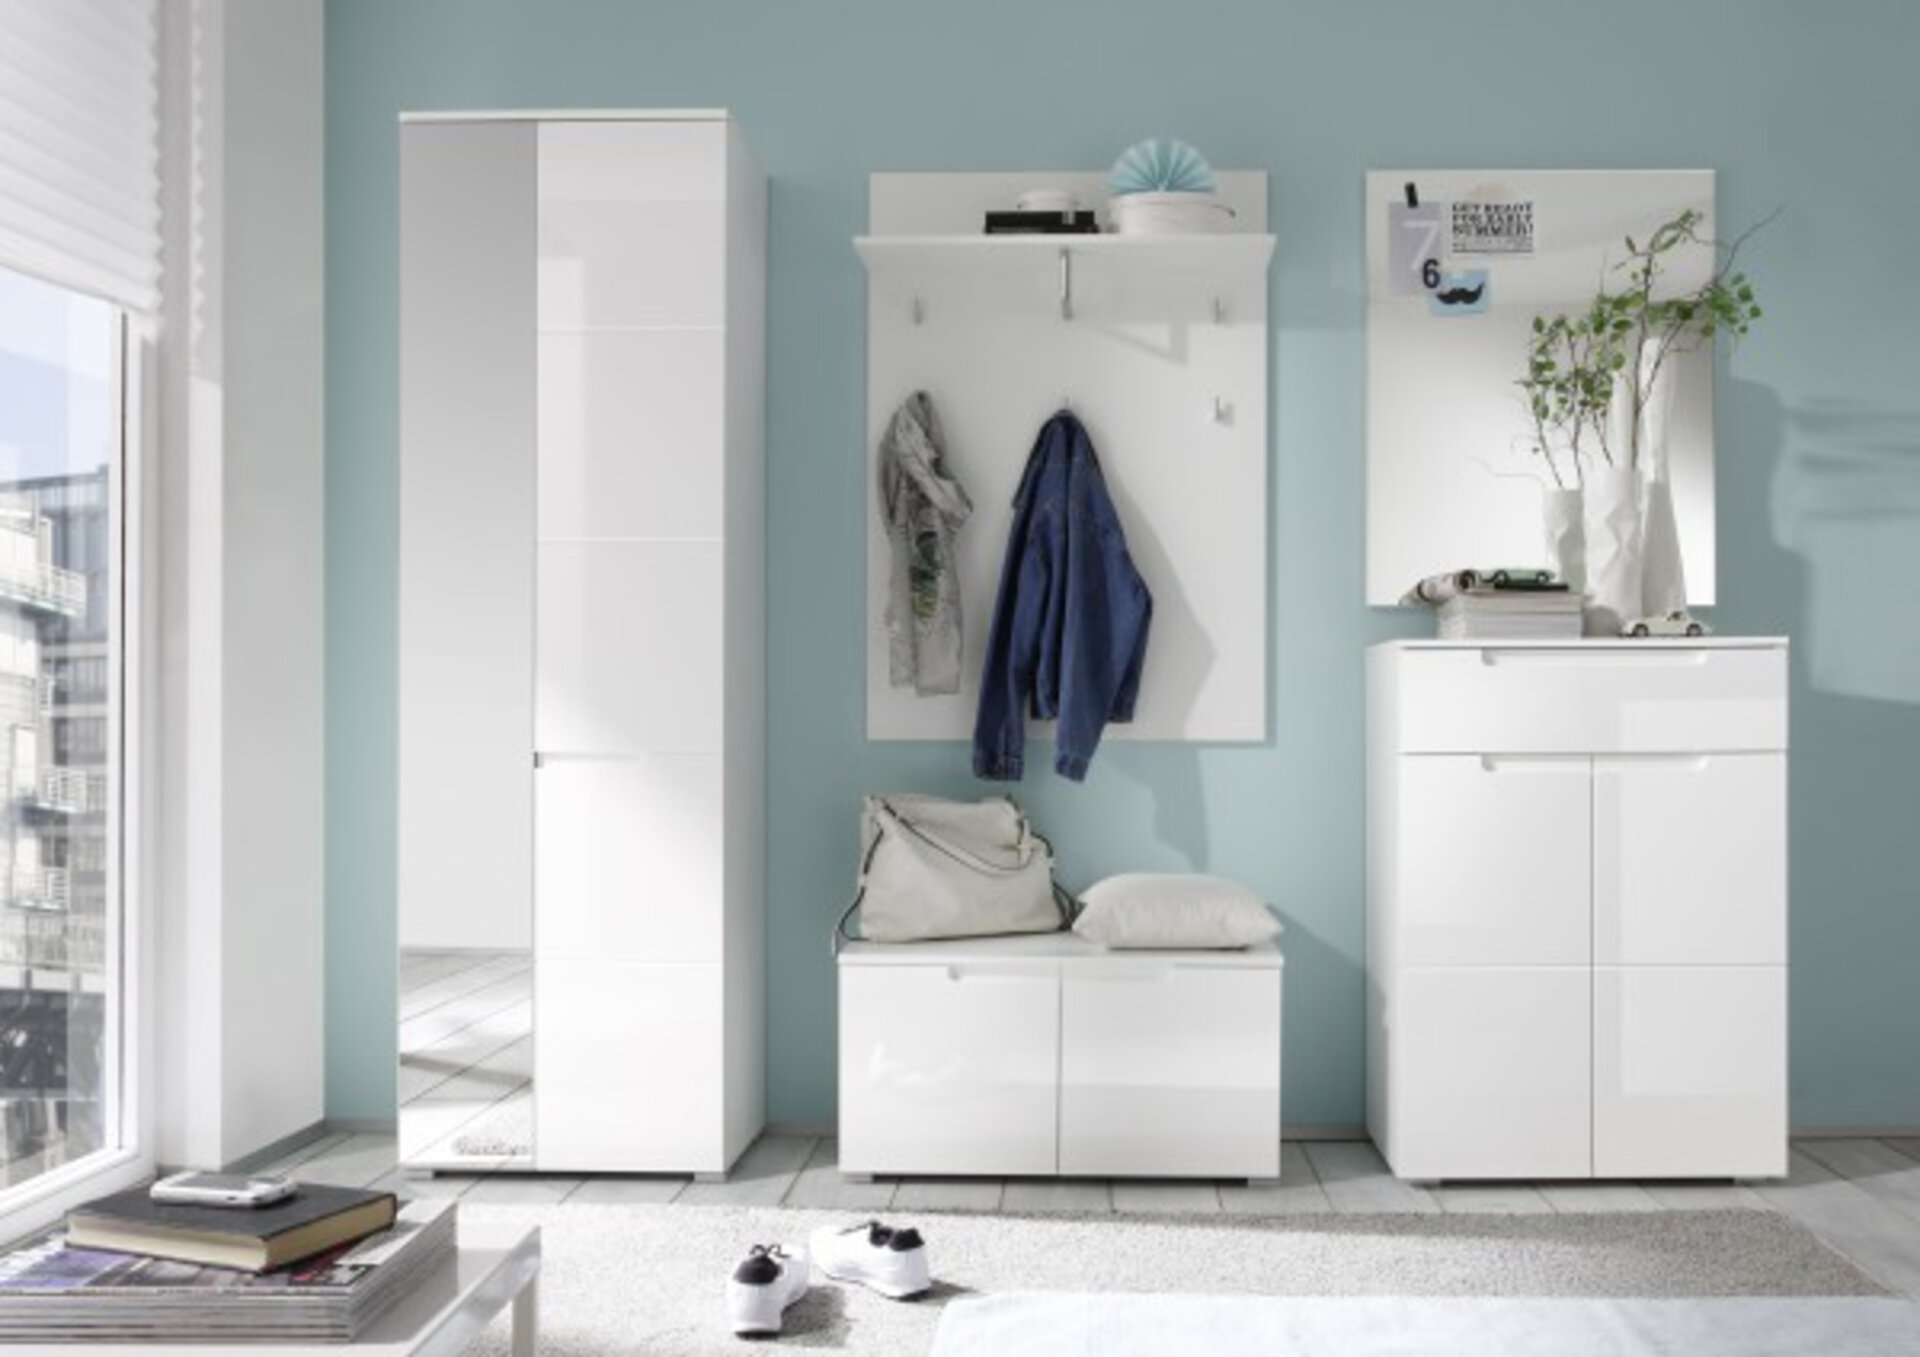 Garderobenbank SPICE inDoor Holzwerkstoff weiß 40 x 43 x 80 cm